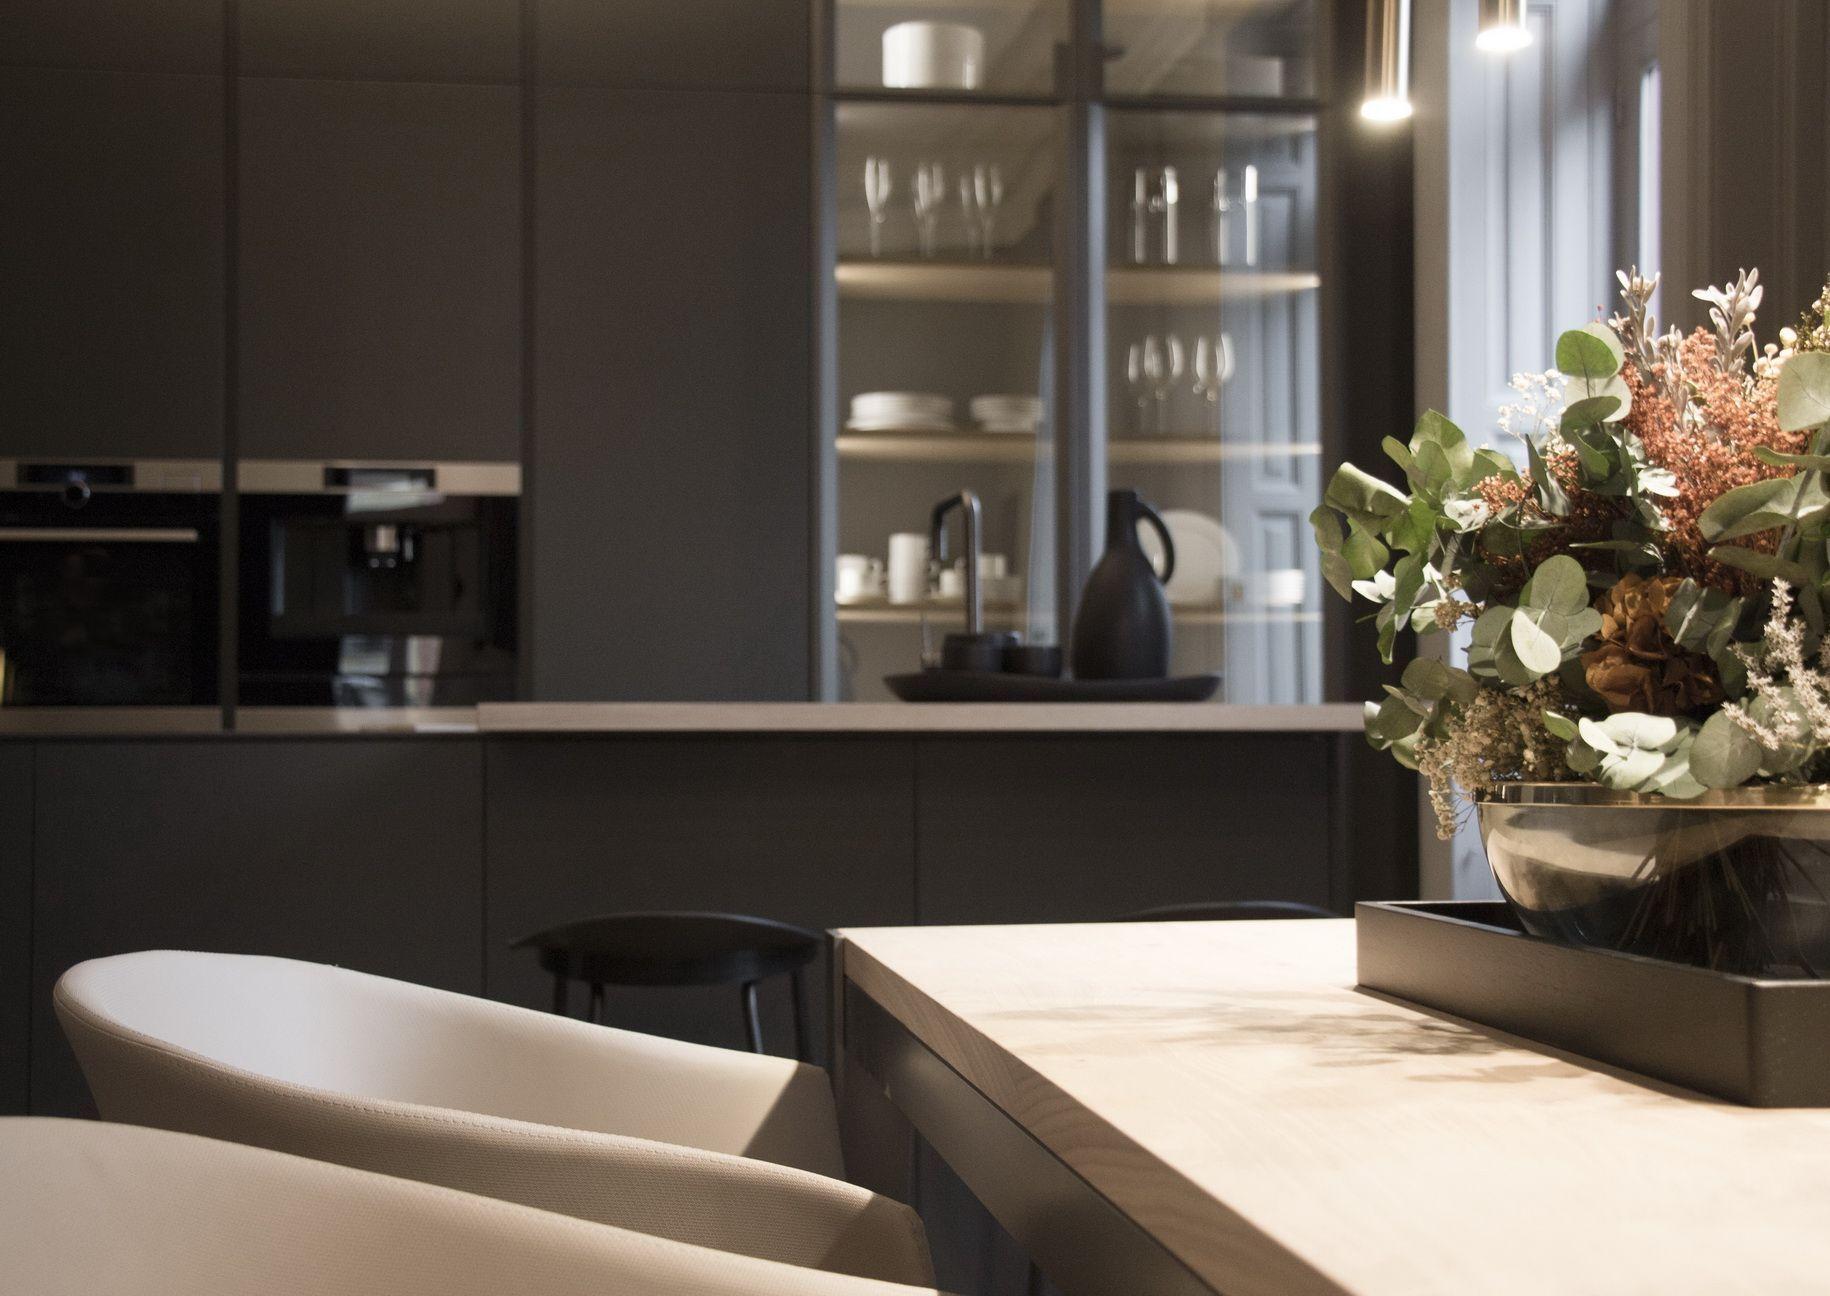 Cocina dica en Casadecor 2018 Dica Kitchen Cocina moderna con diseño ...